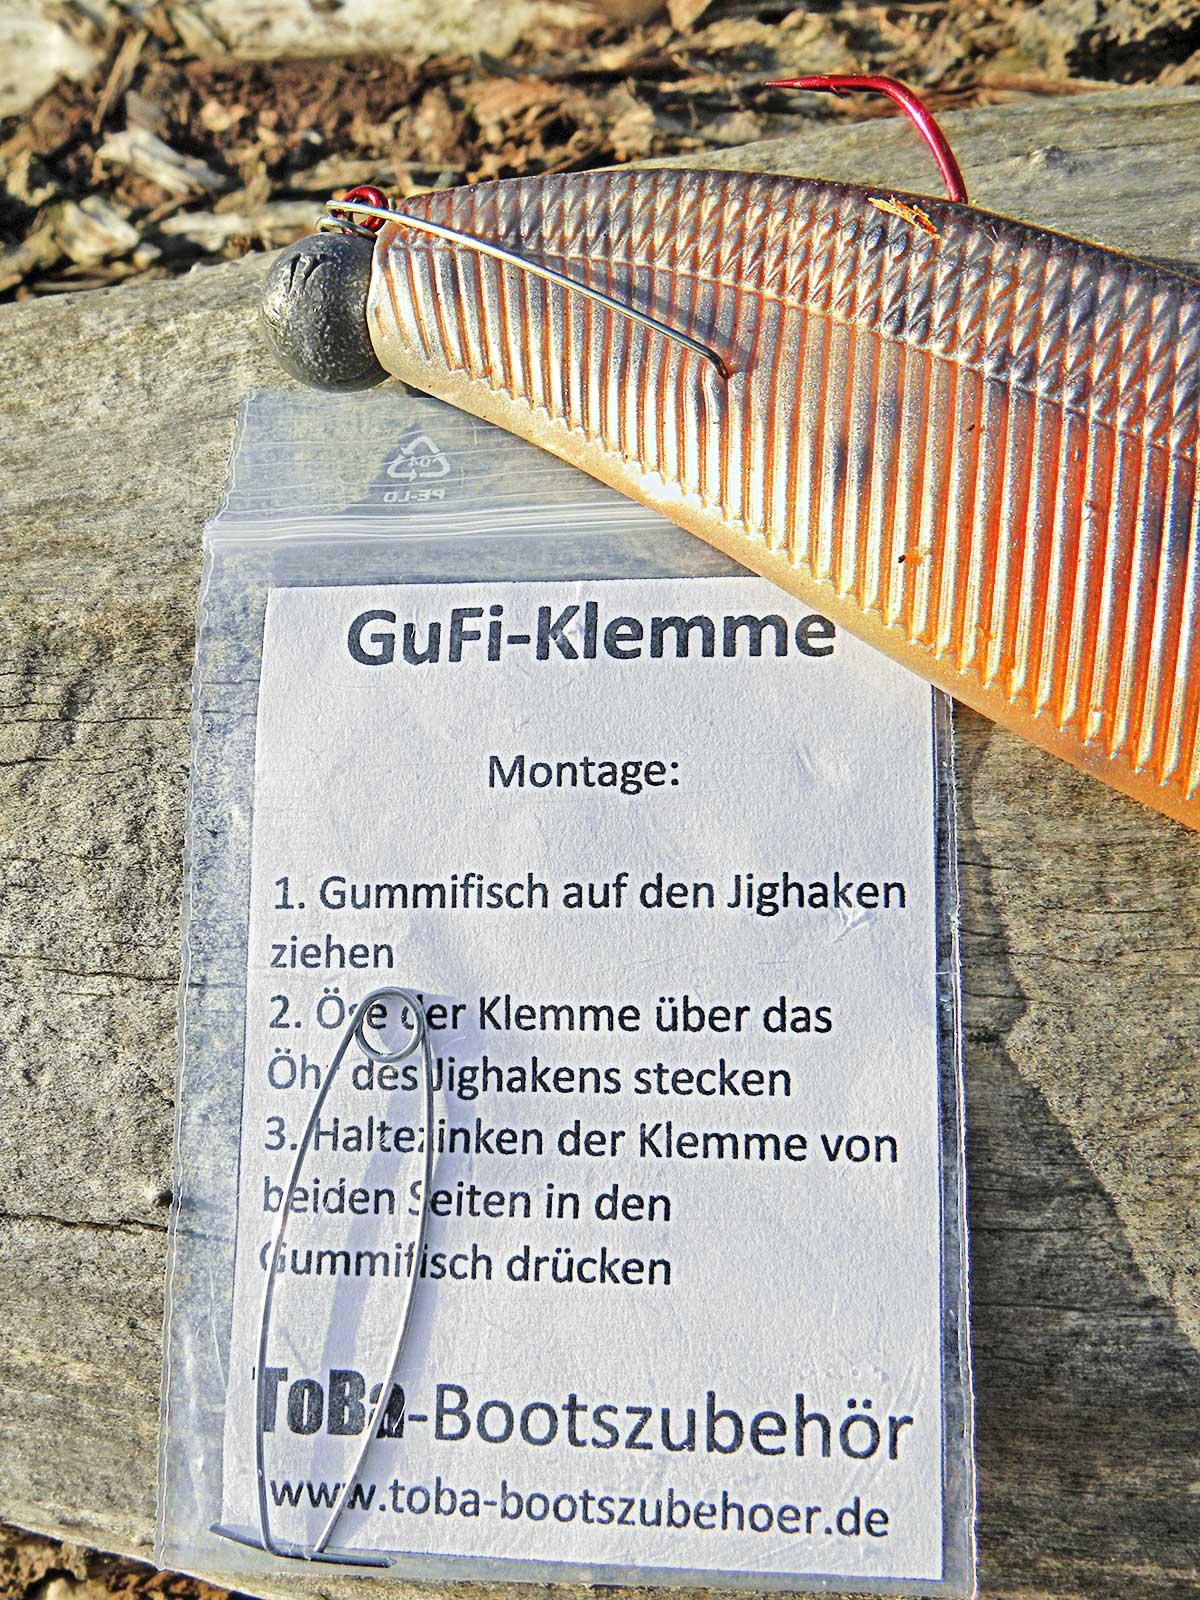 Pfiffige Idee: die GuFi-Klemmen von Torsten Barnabeck.